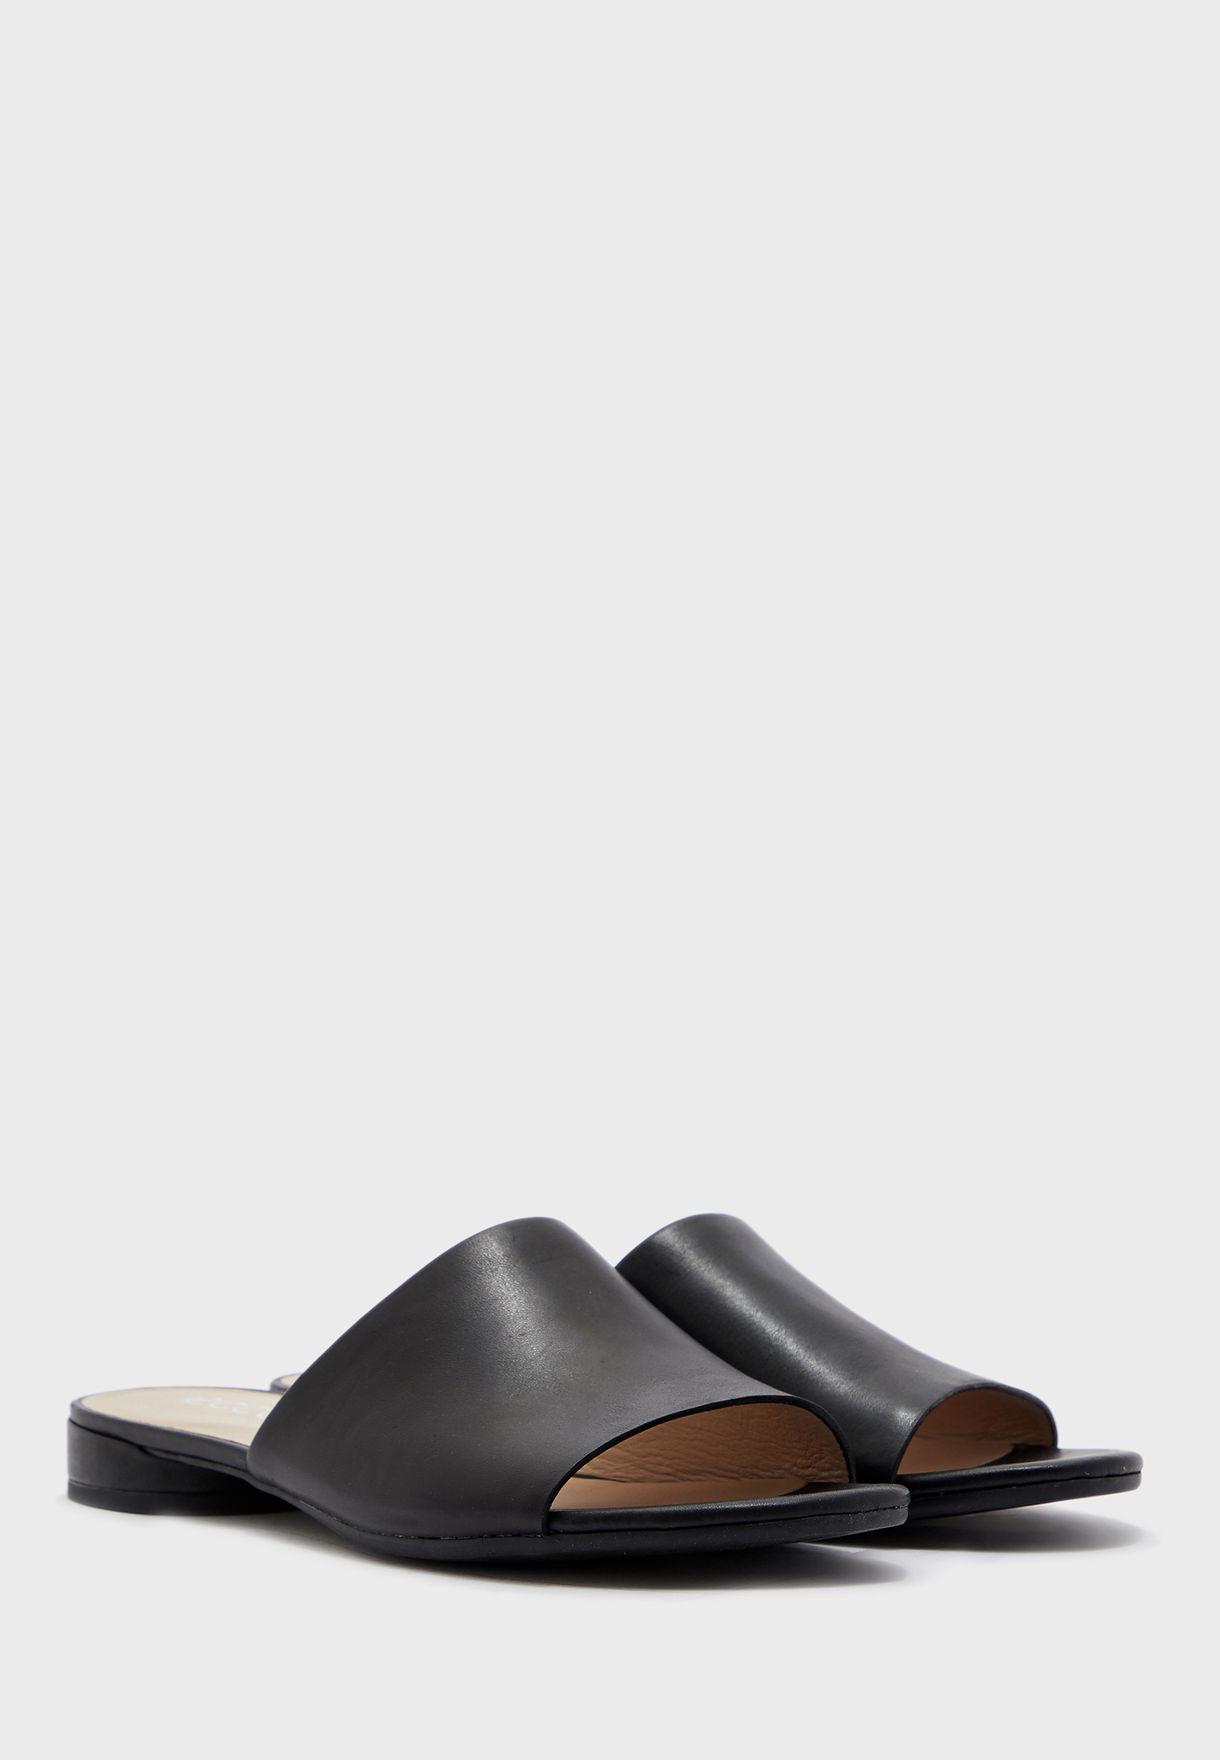 Wide Strap Low Heel Sandals